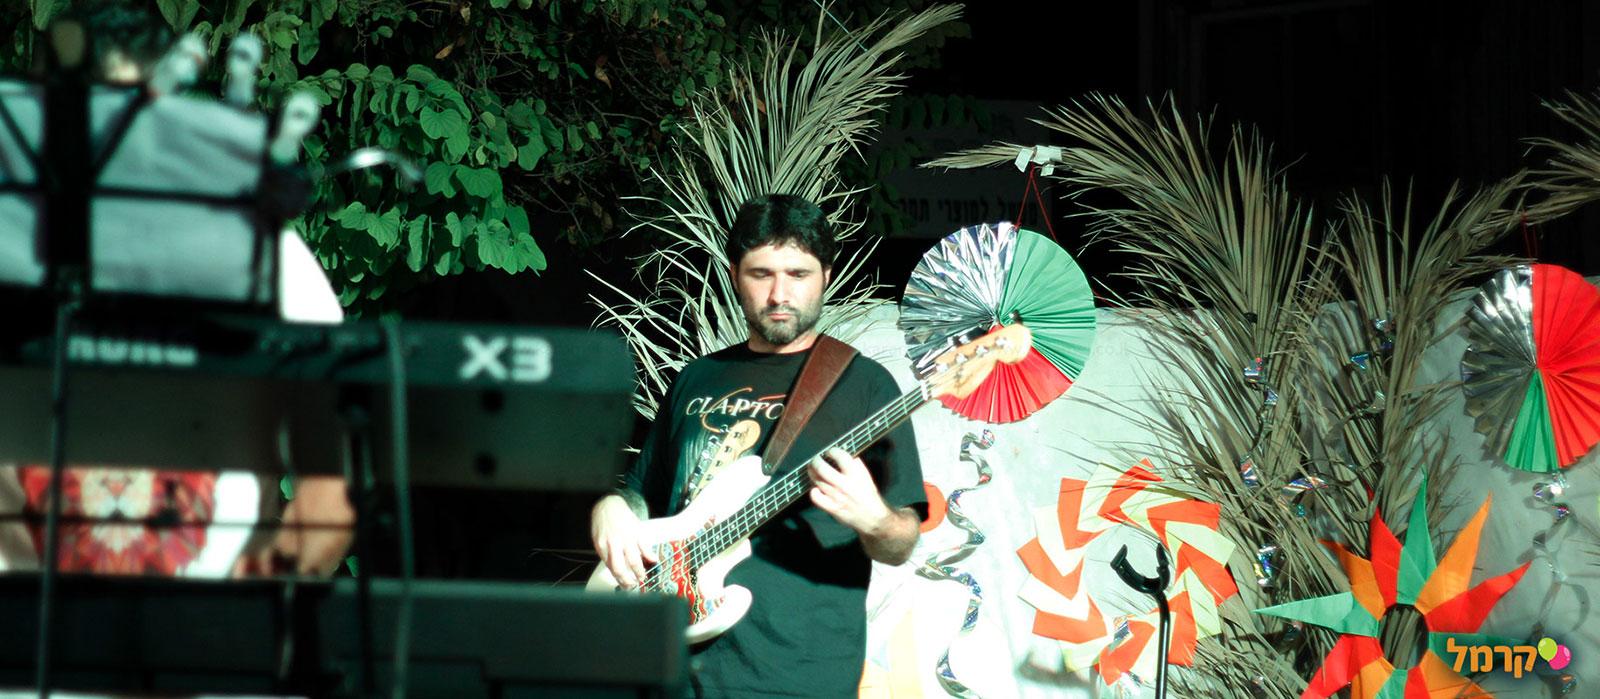 להקת שבלול - מופע רוק לאירועים - 073-7840203